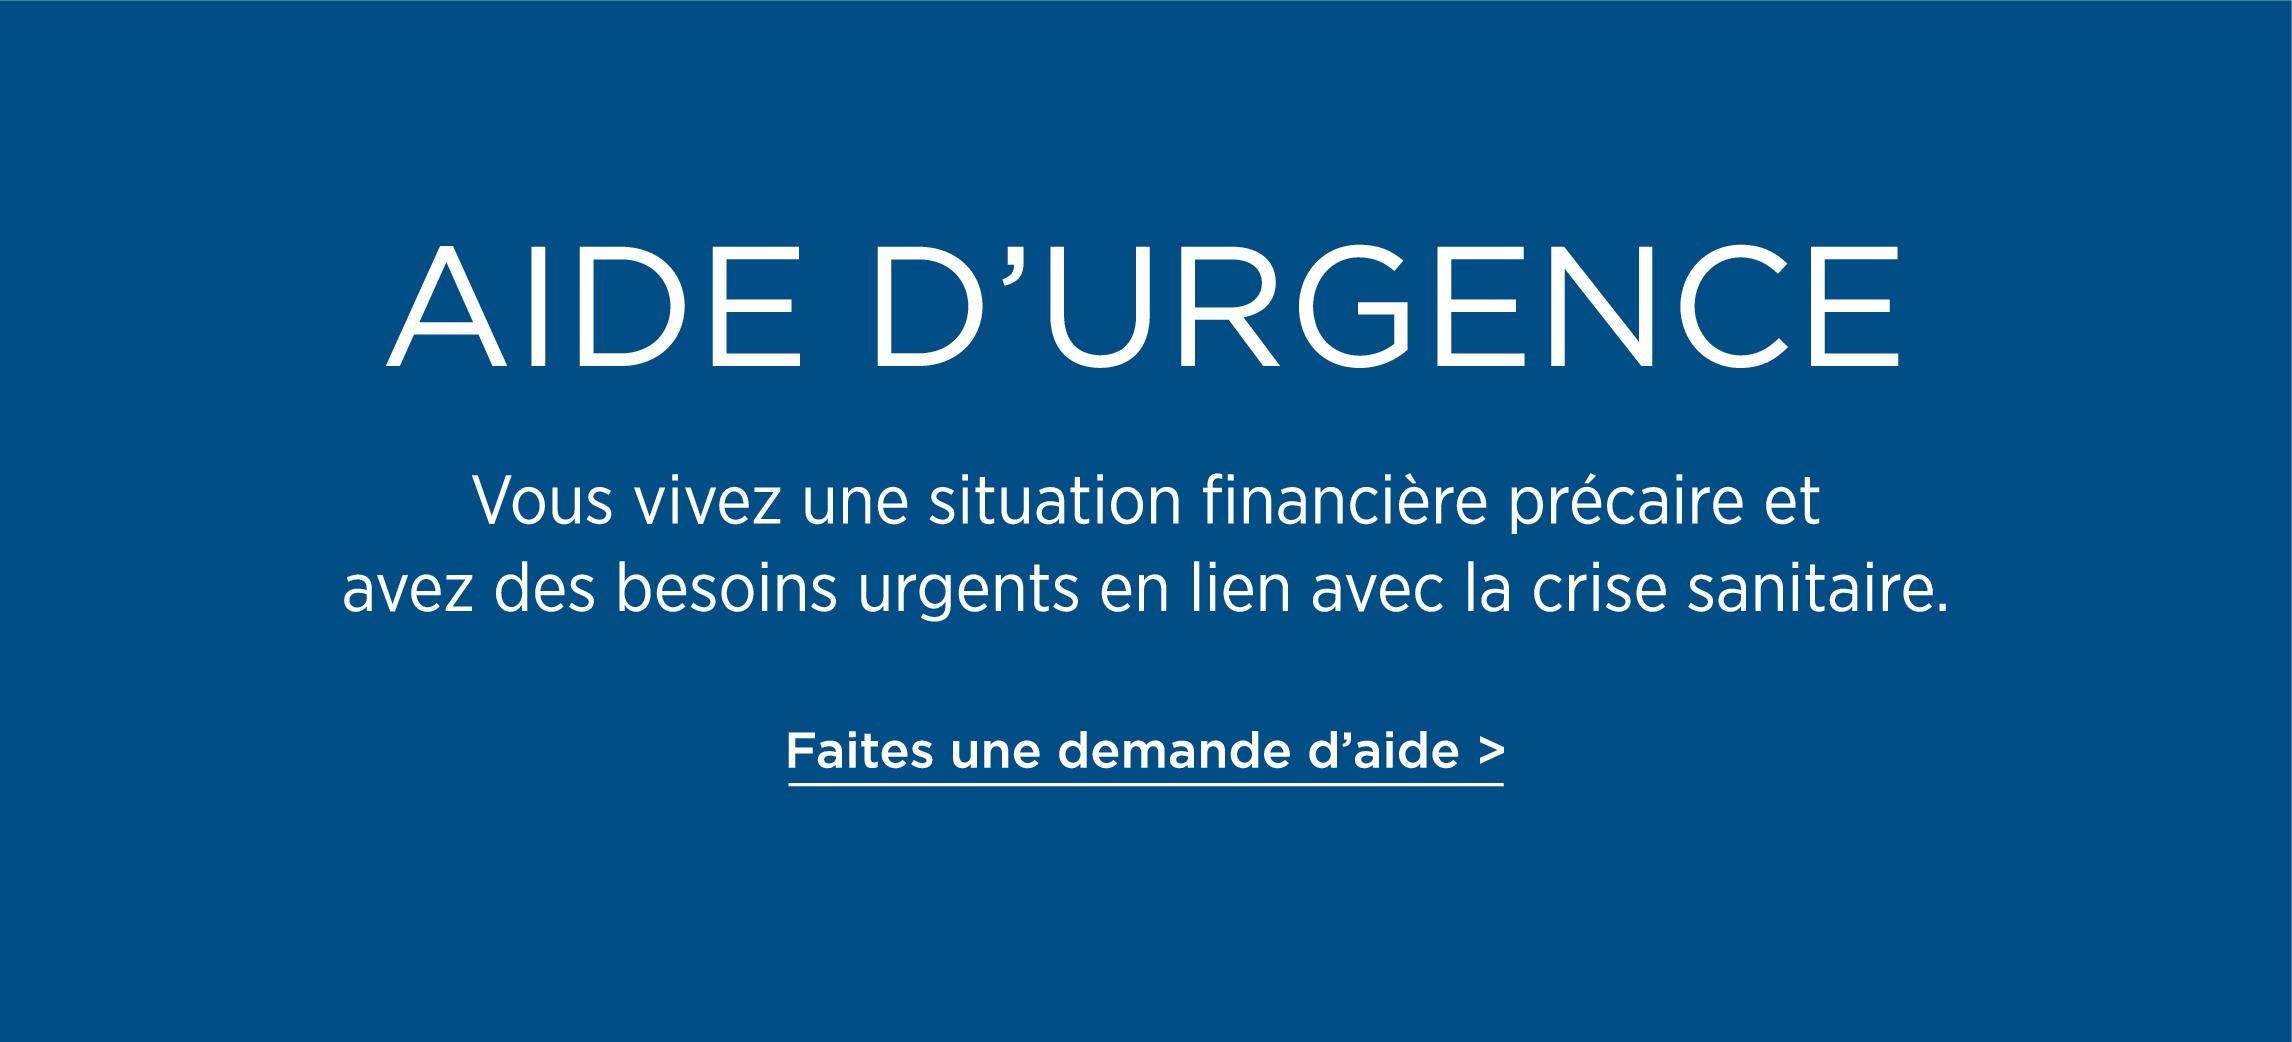 Vous vivez une situation financière précaire et avez des besoins urgents en lien avec la crise sanitaire. | Faire une demande d'aide | Aide d'Urgence